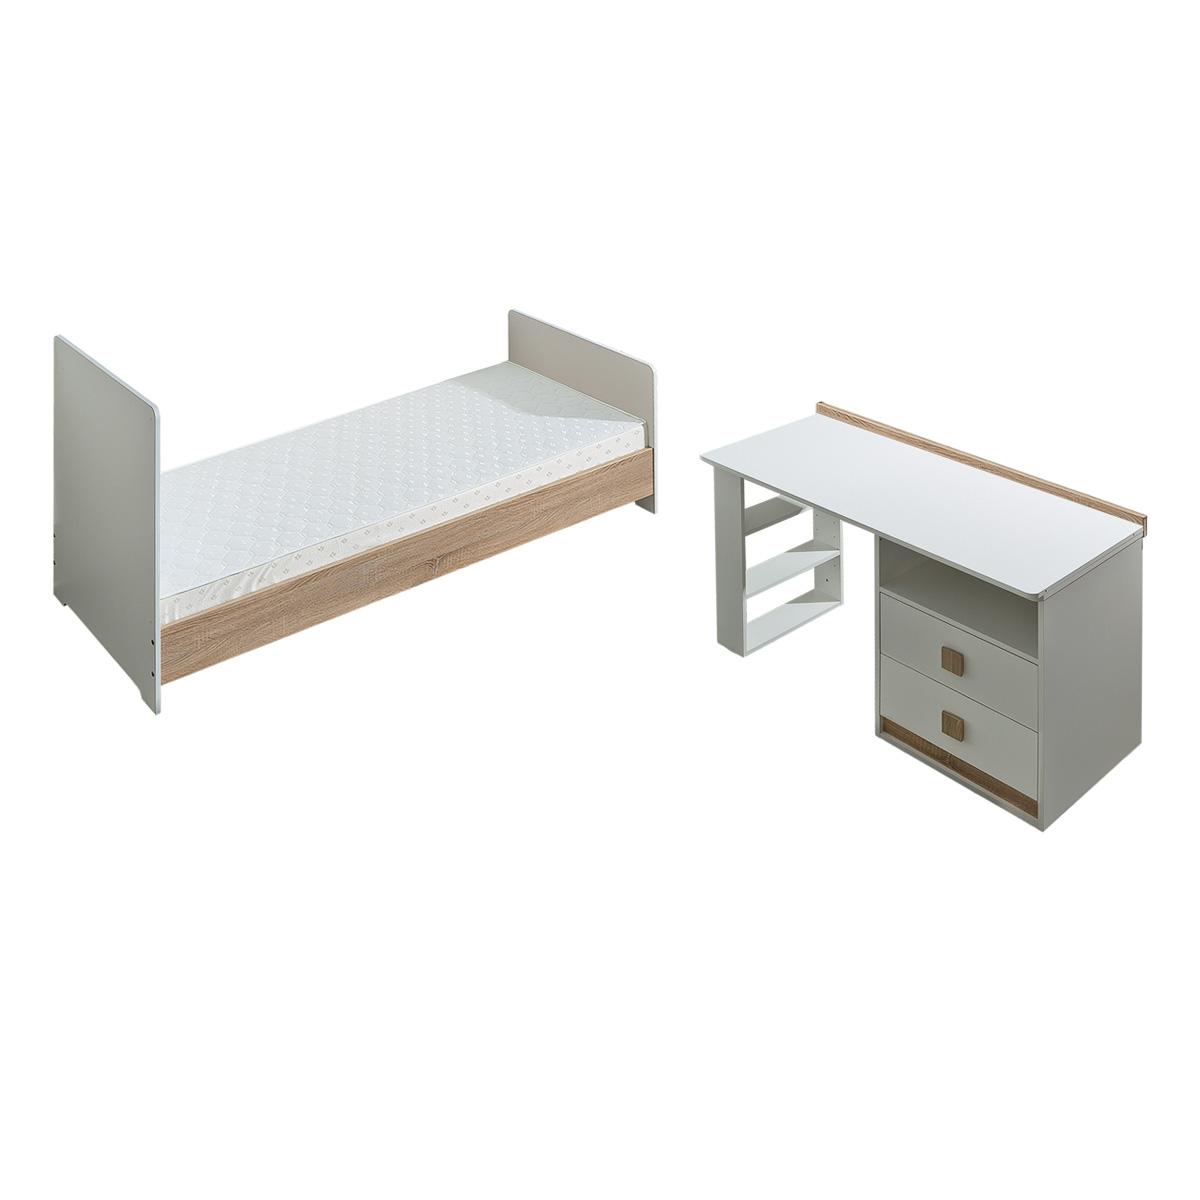 Atb multiple 7 meubles lit 200x80 lit 140x70 armoire 2 portes petite - Etagere murale chambre ado ...